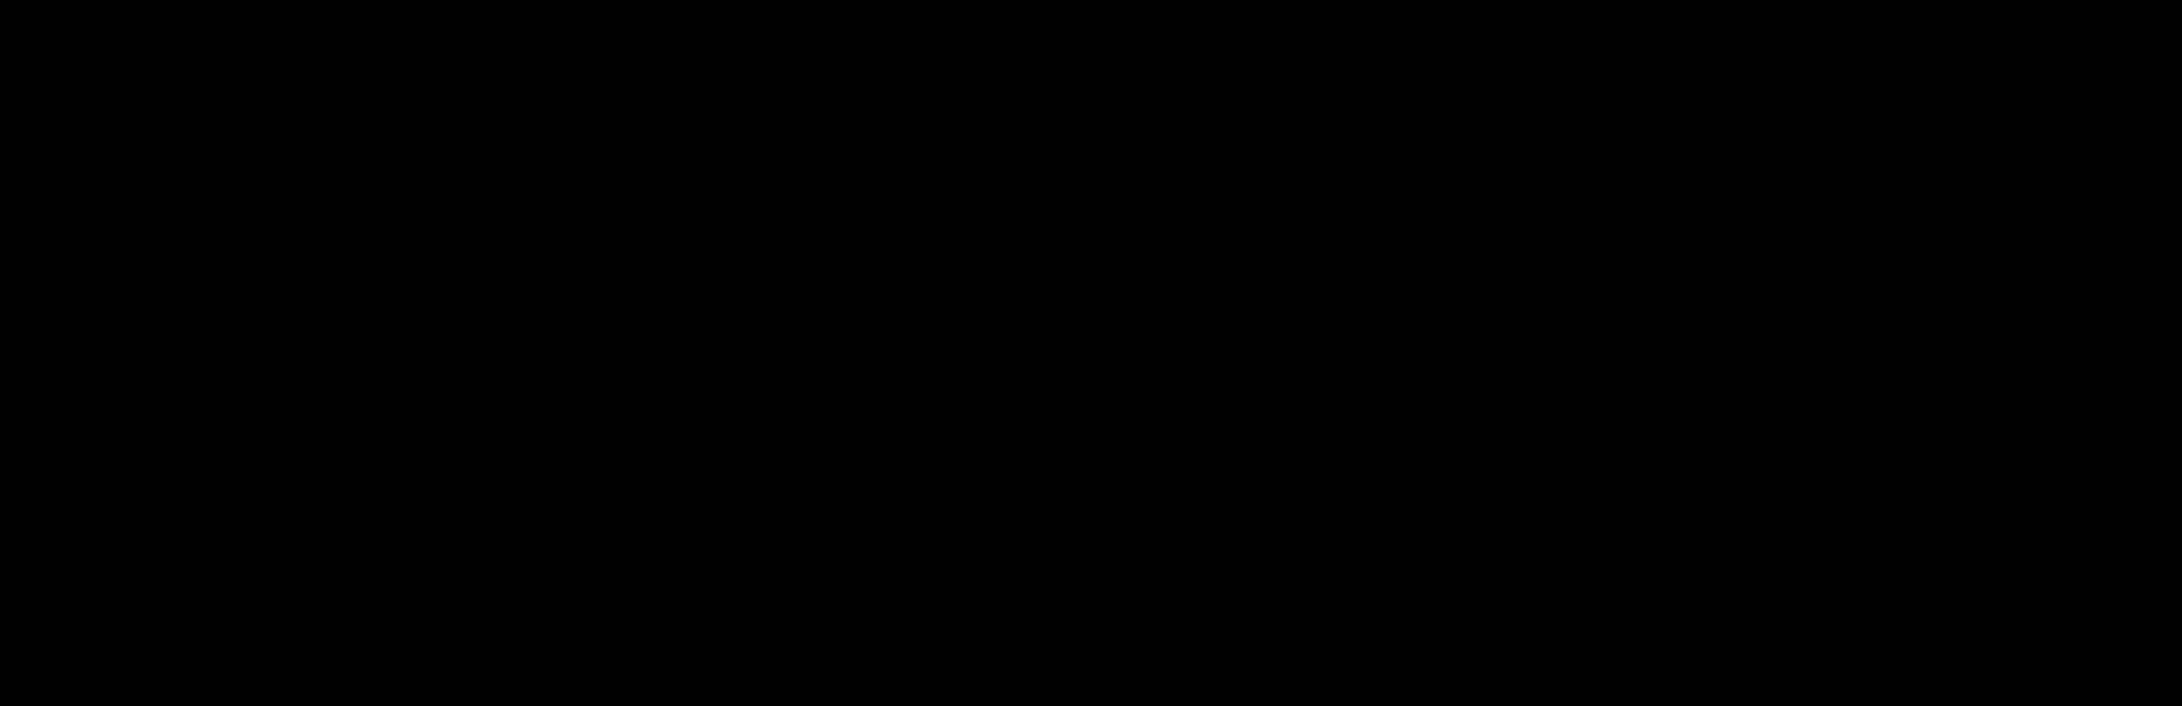 Itopride-d<sub>6</sub> hydrochloride